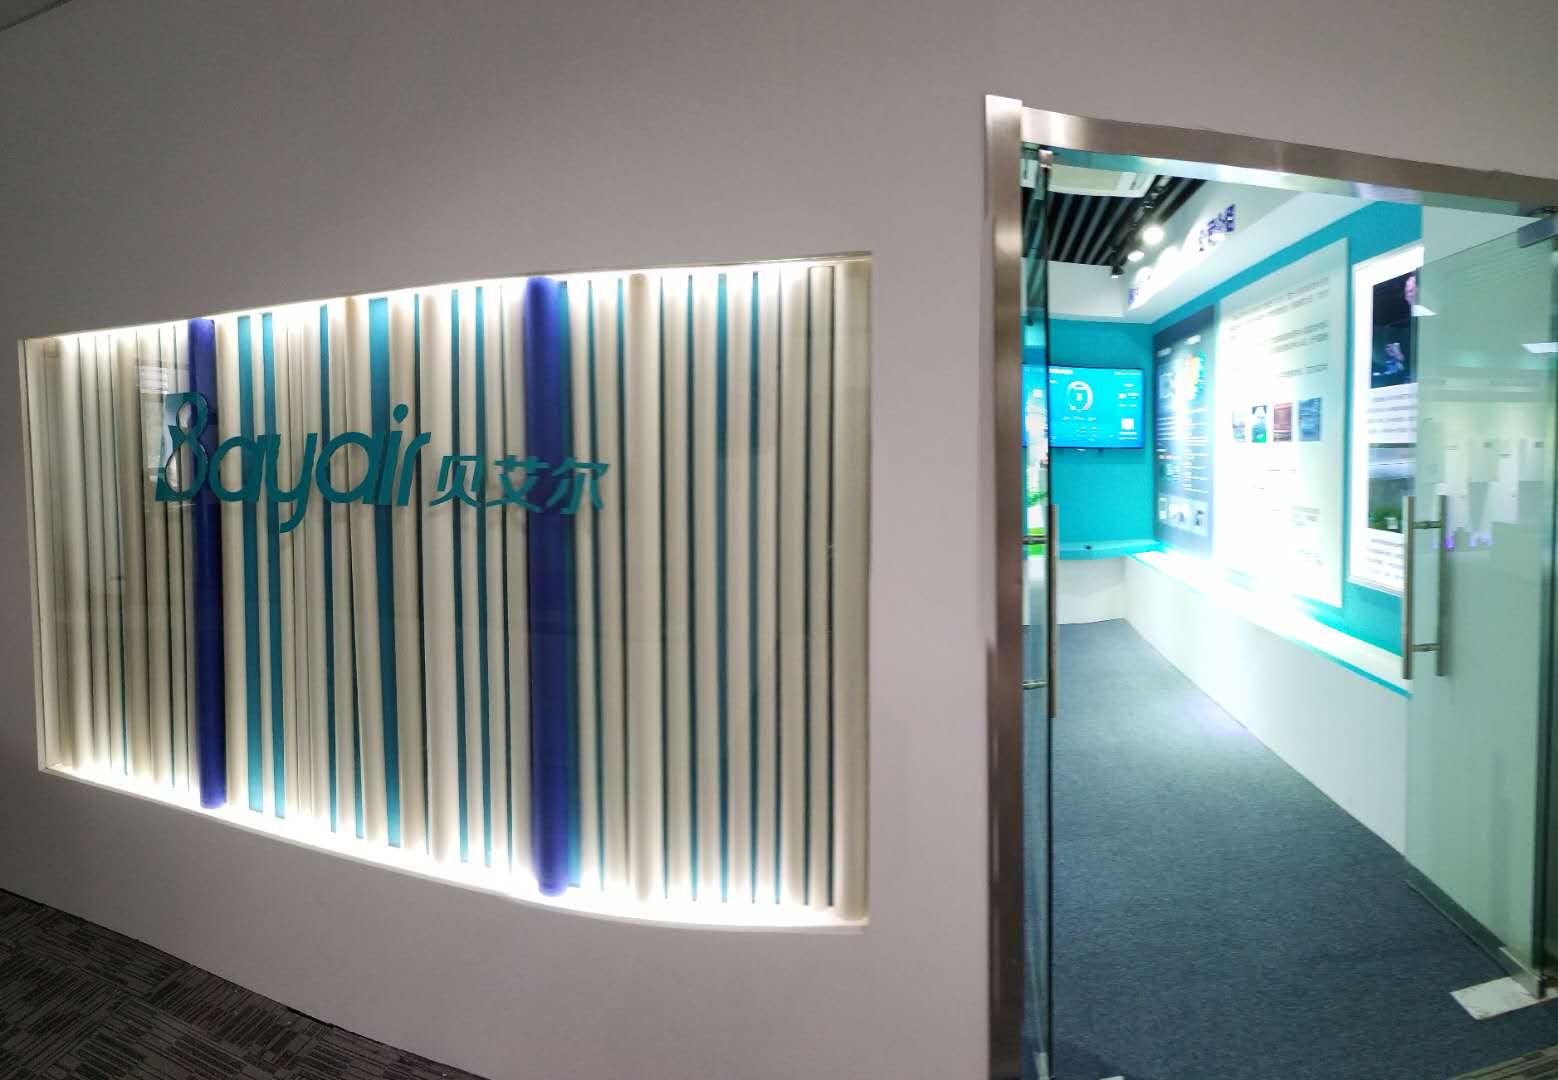 企业资讯| 贝艾尔苏州展厅落成,欢迎前来参观